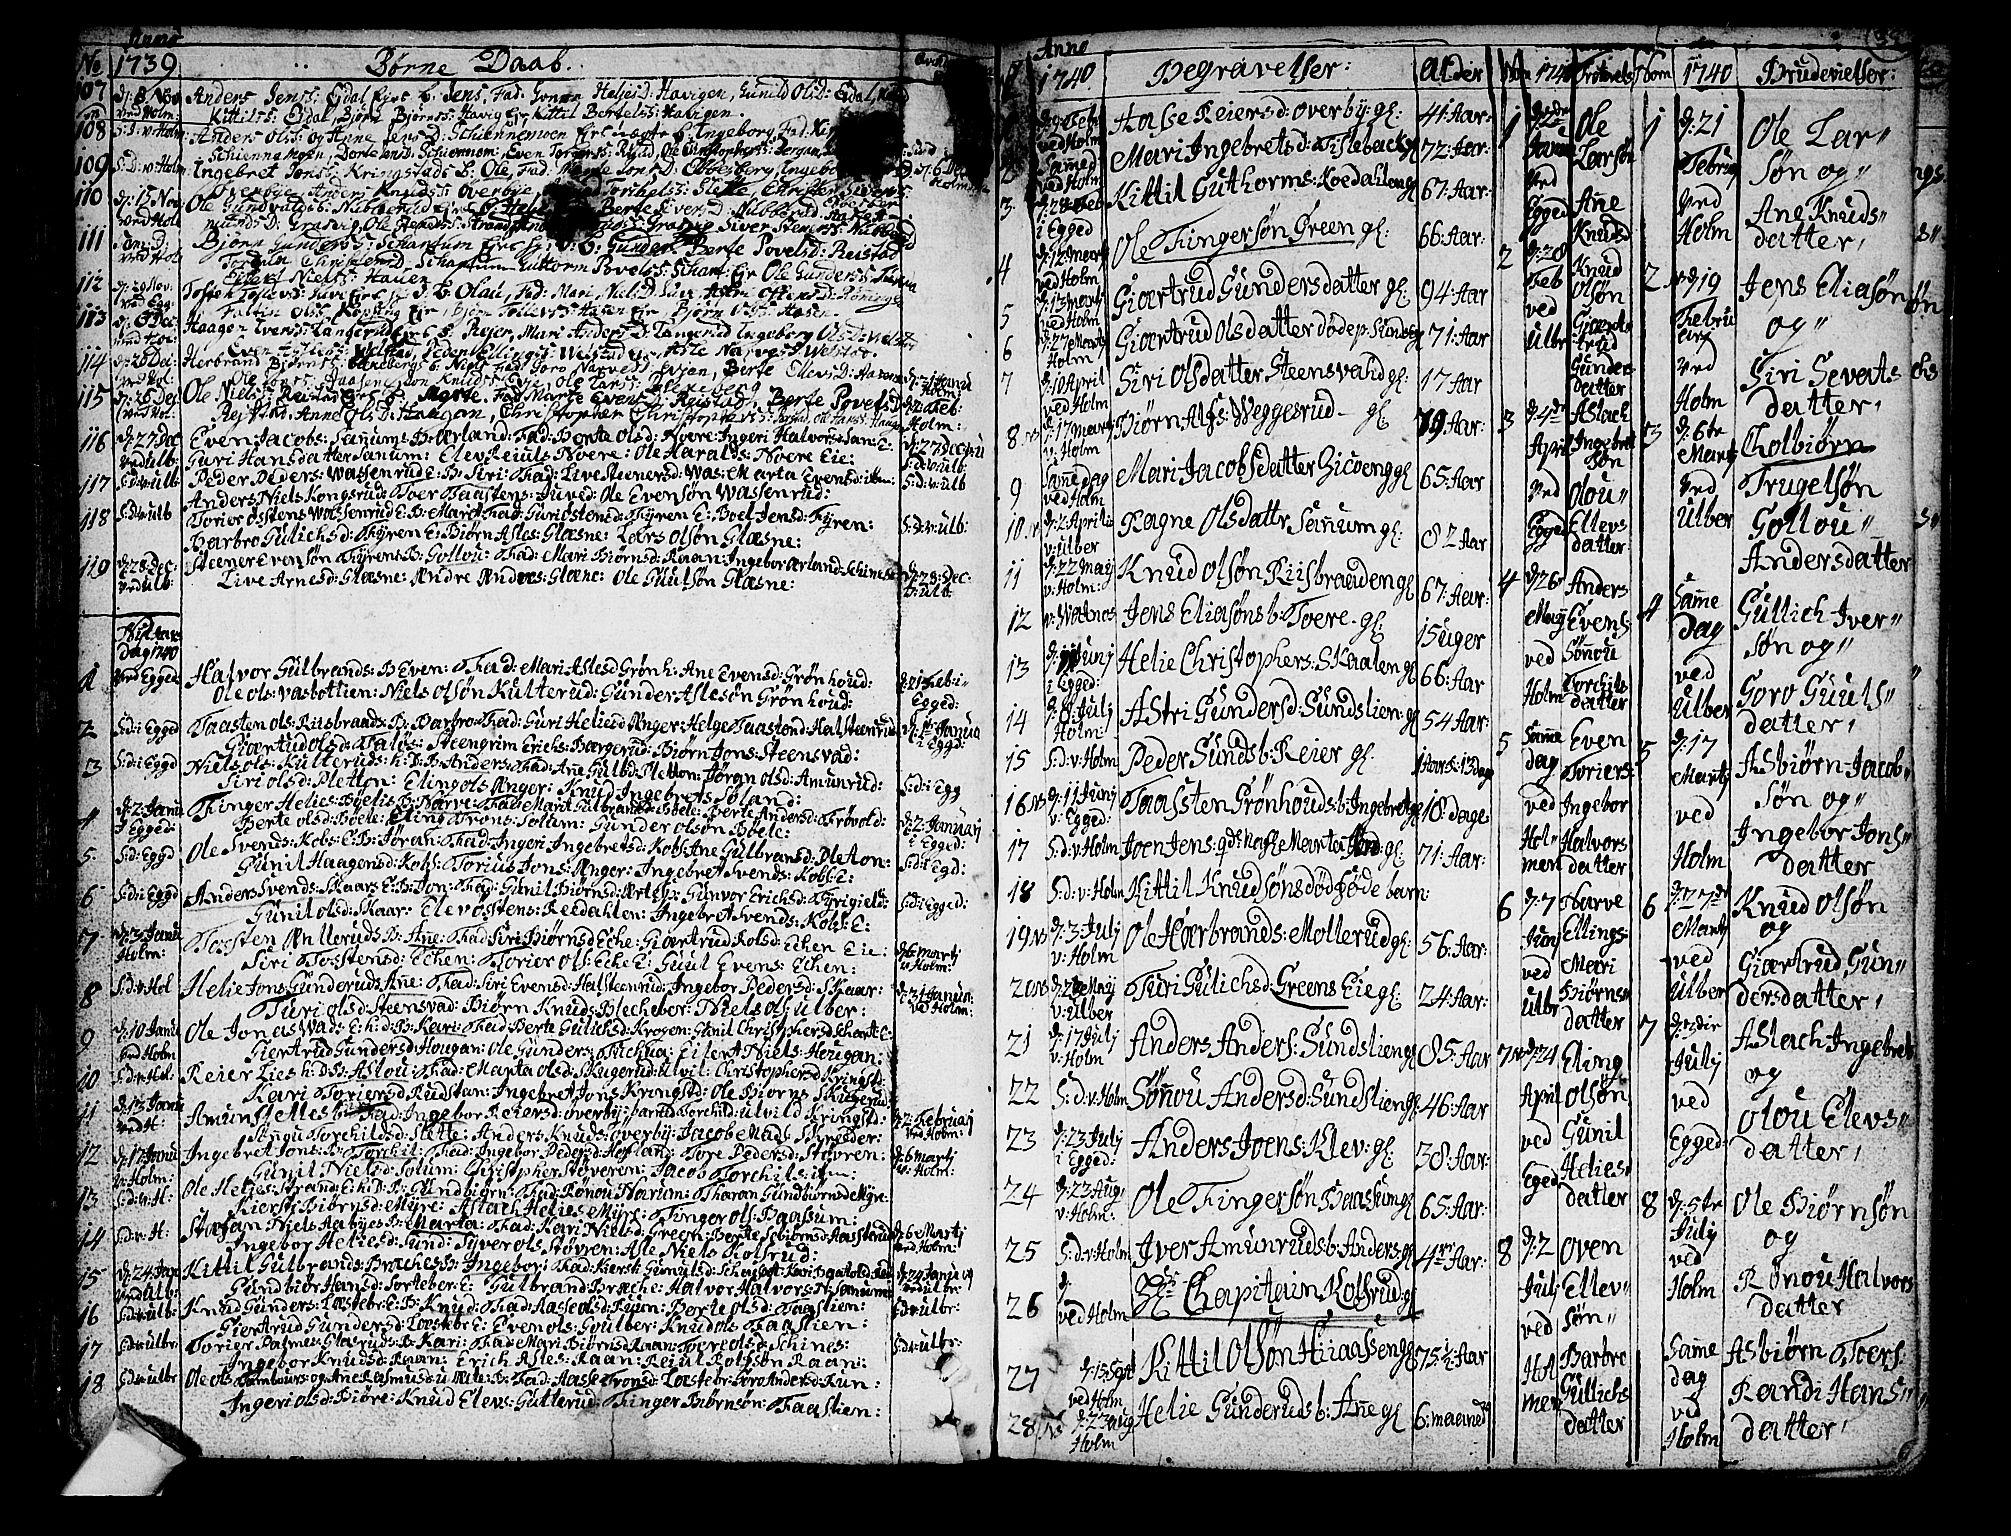 SAKO, Sigdal kirkebøker, F/Fa/L0001: Ministerialbok nr. I 1, 1722-1777, s. 39